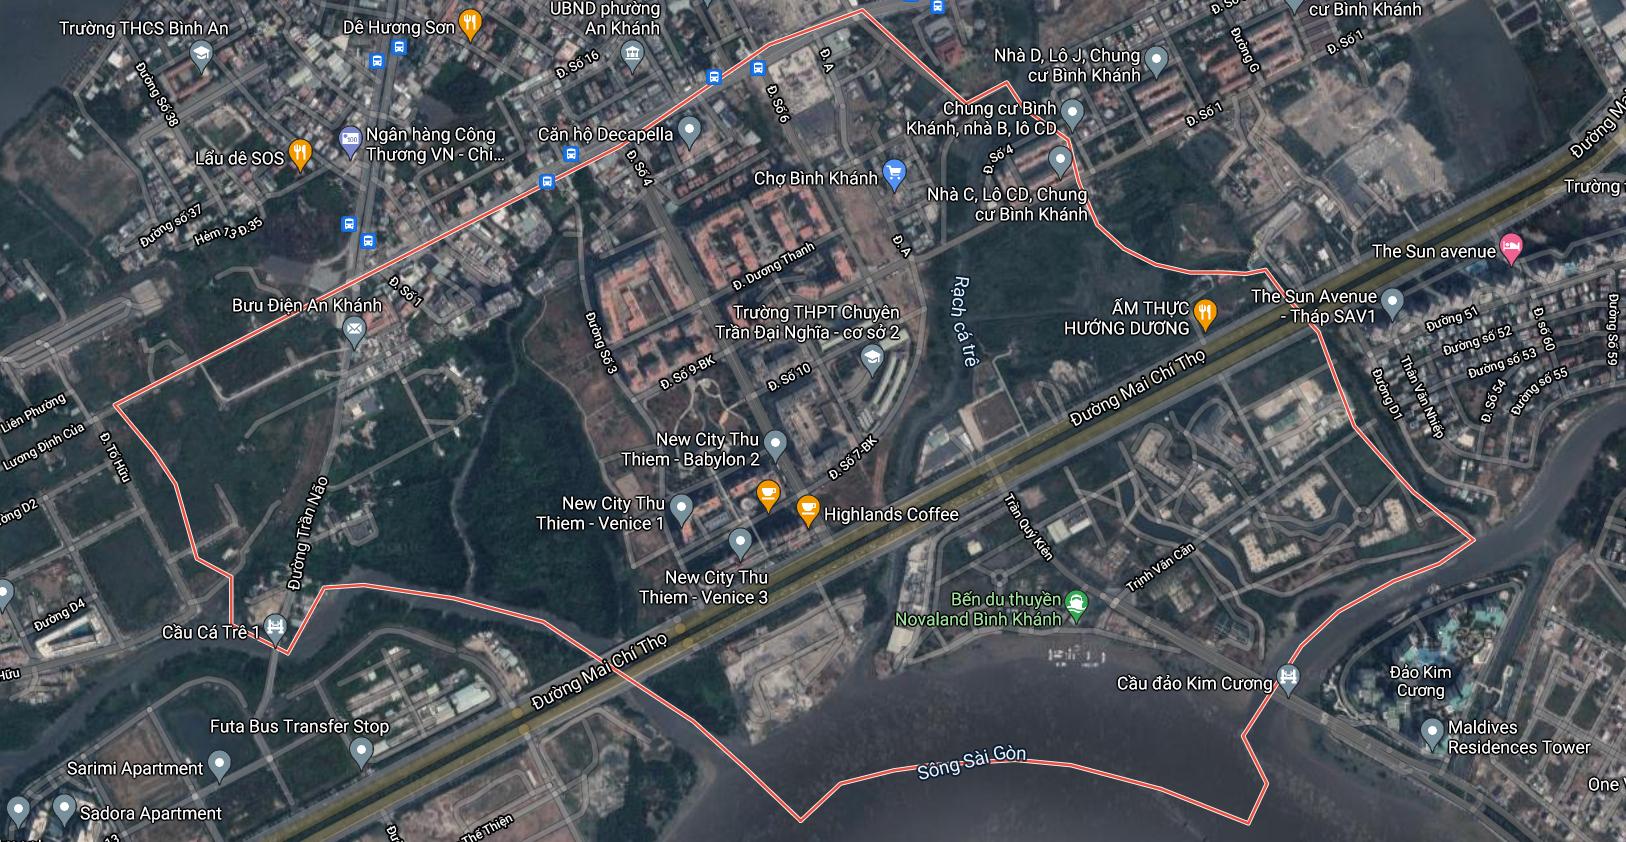 Đường sẽ mở ở phường Bình Khánh (cũ), quận 2, TP Thủ Đức - Ảnh 1.